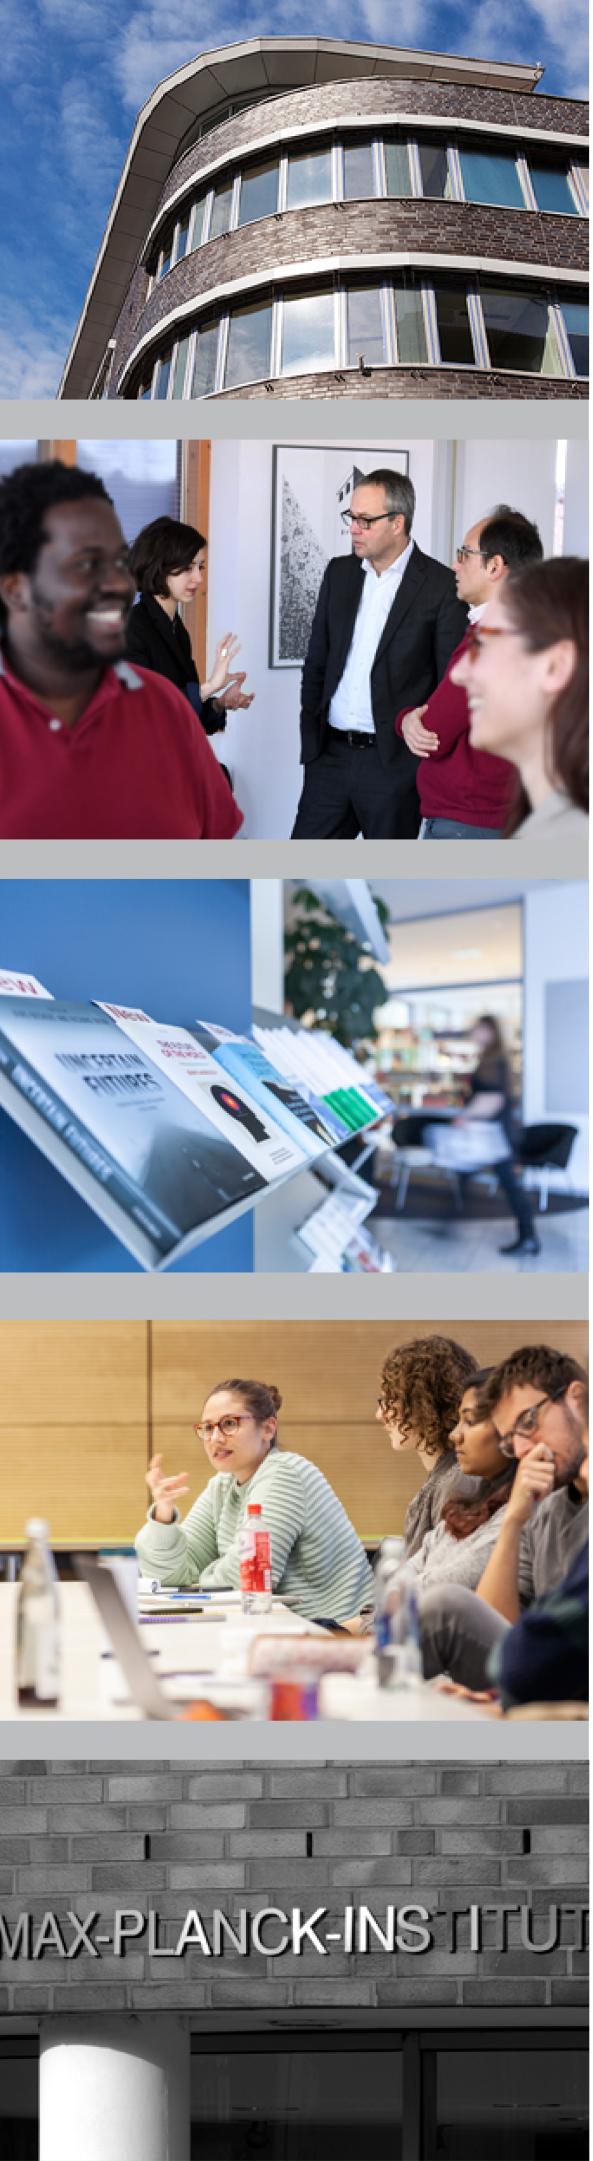 Postdoktorandenprogramm - Max-Planck-Institut für Gesellschaftsforschung - Bild